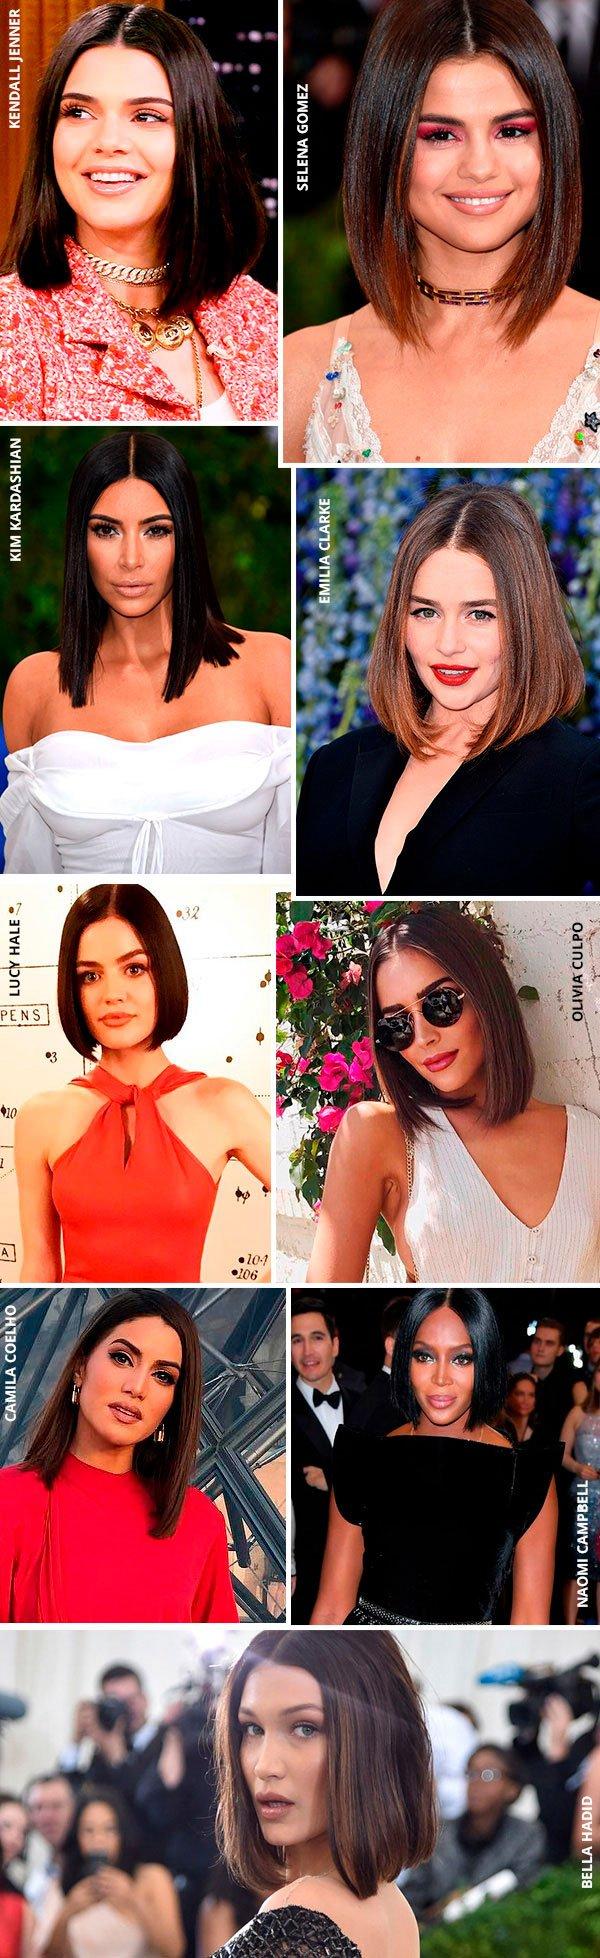 O Hairstyle que conquistou as celebs